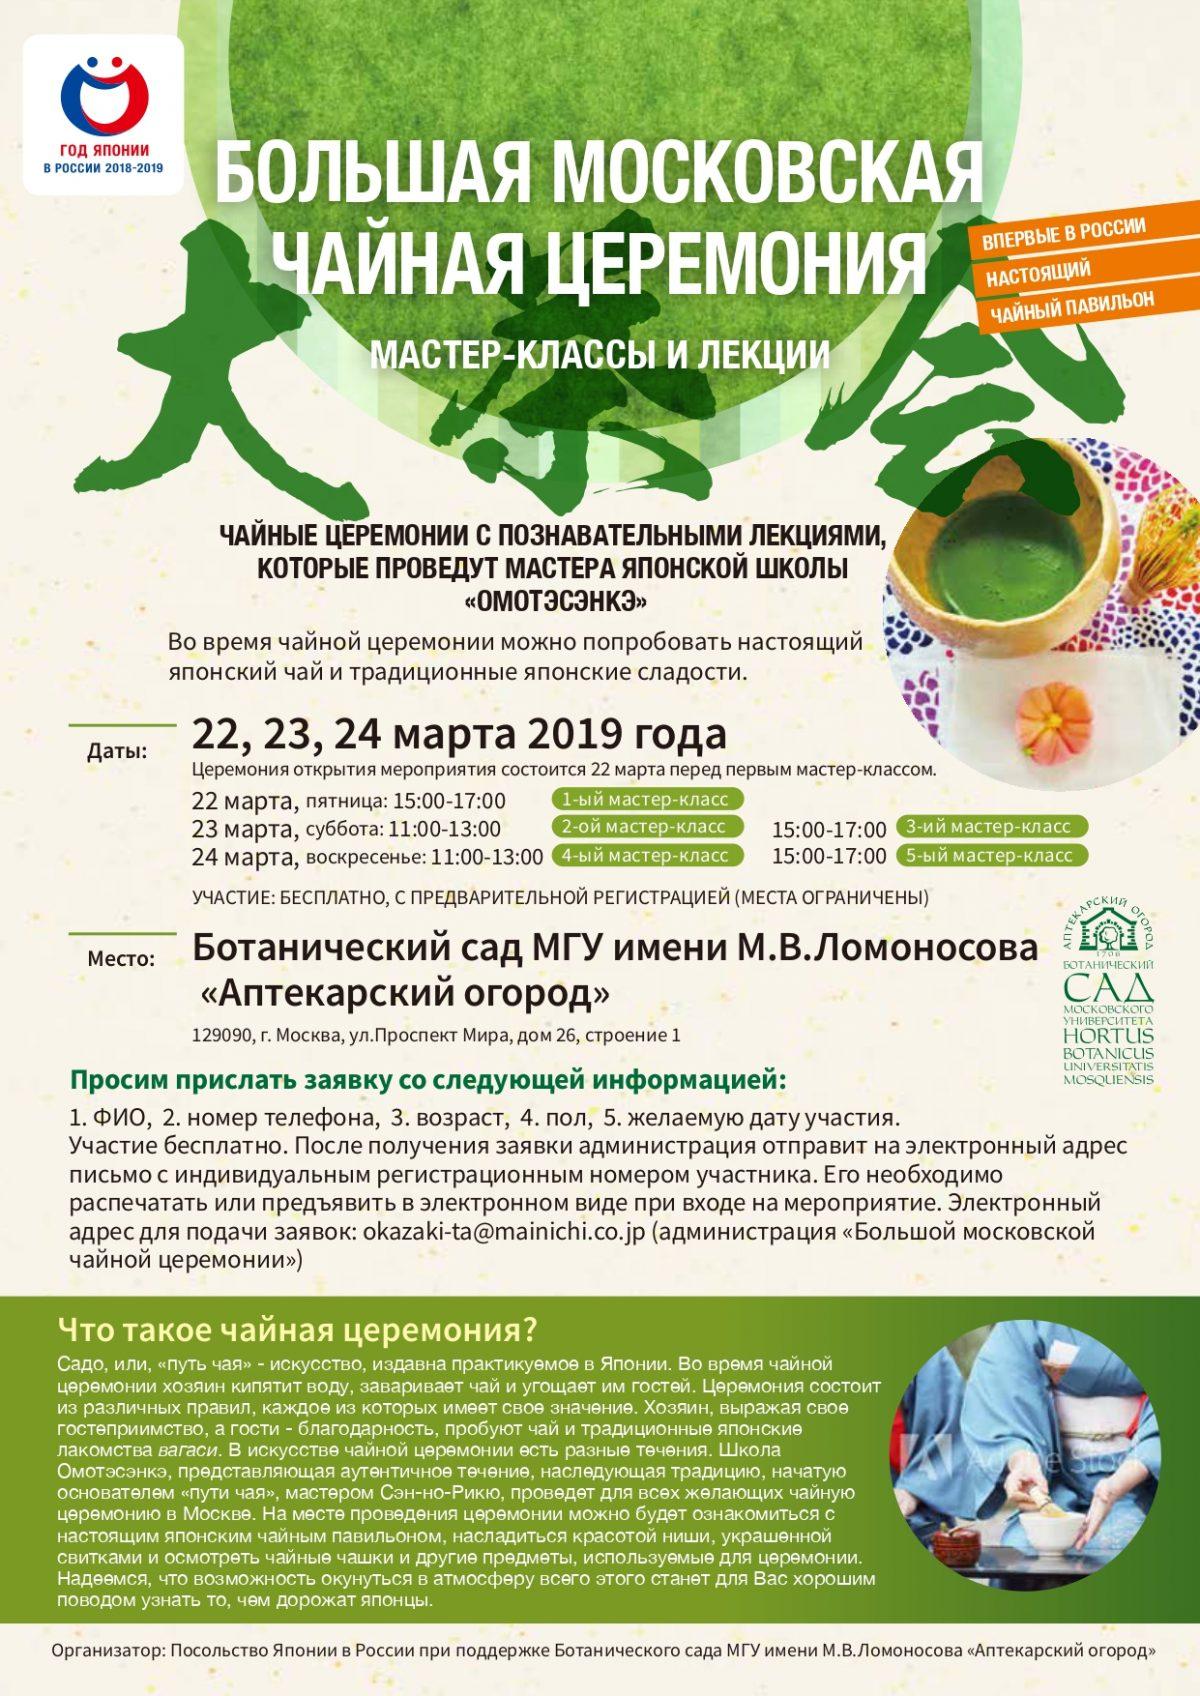 Большая московская чайная церемония